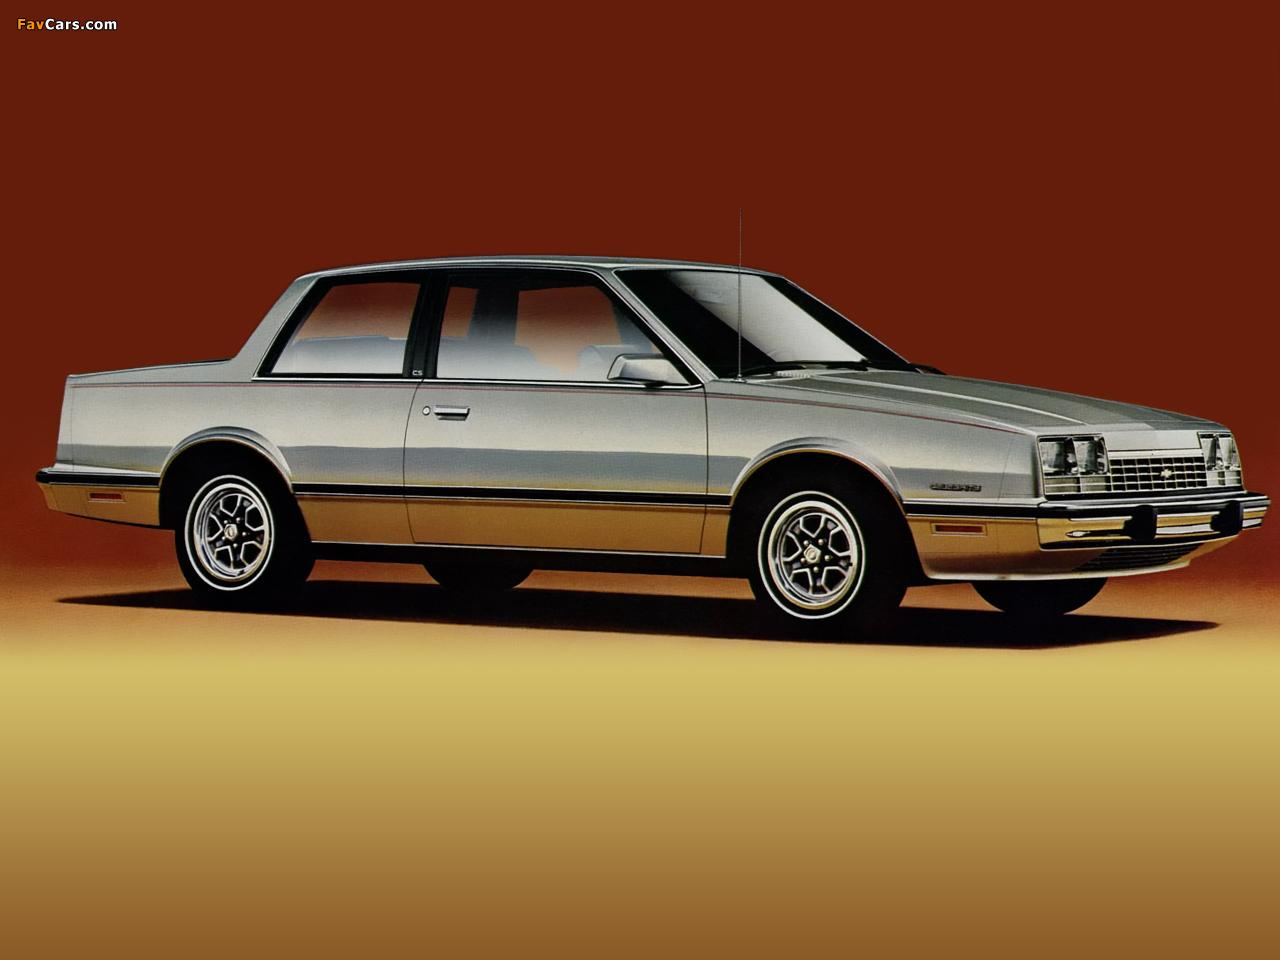 Genuine 1988 Chevrolet Parts | GM Car Parts Online